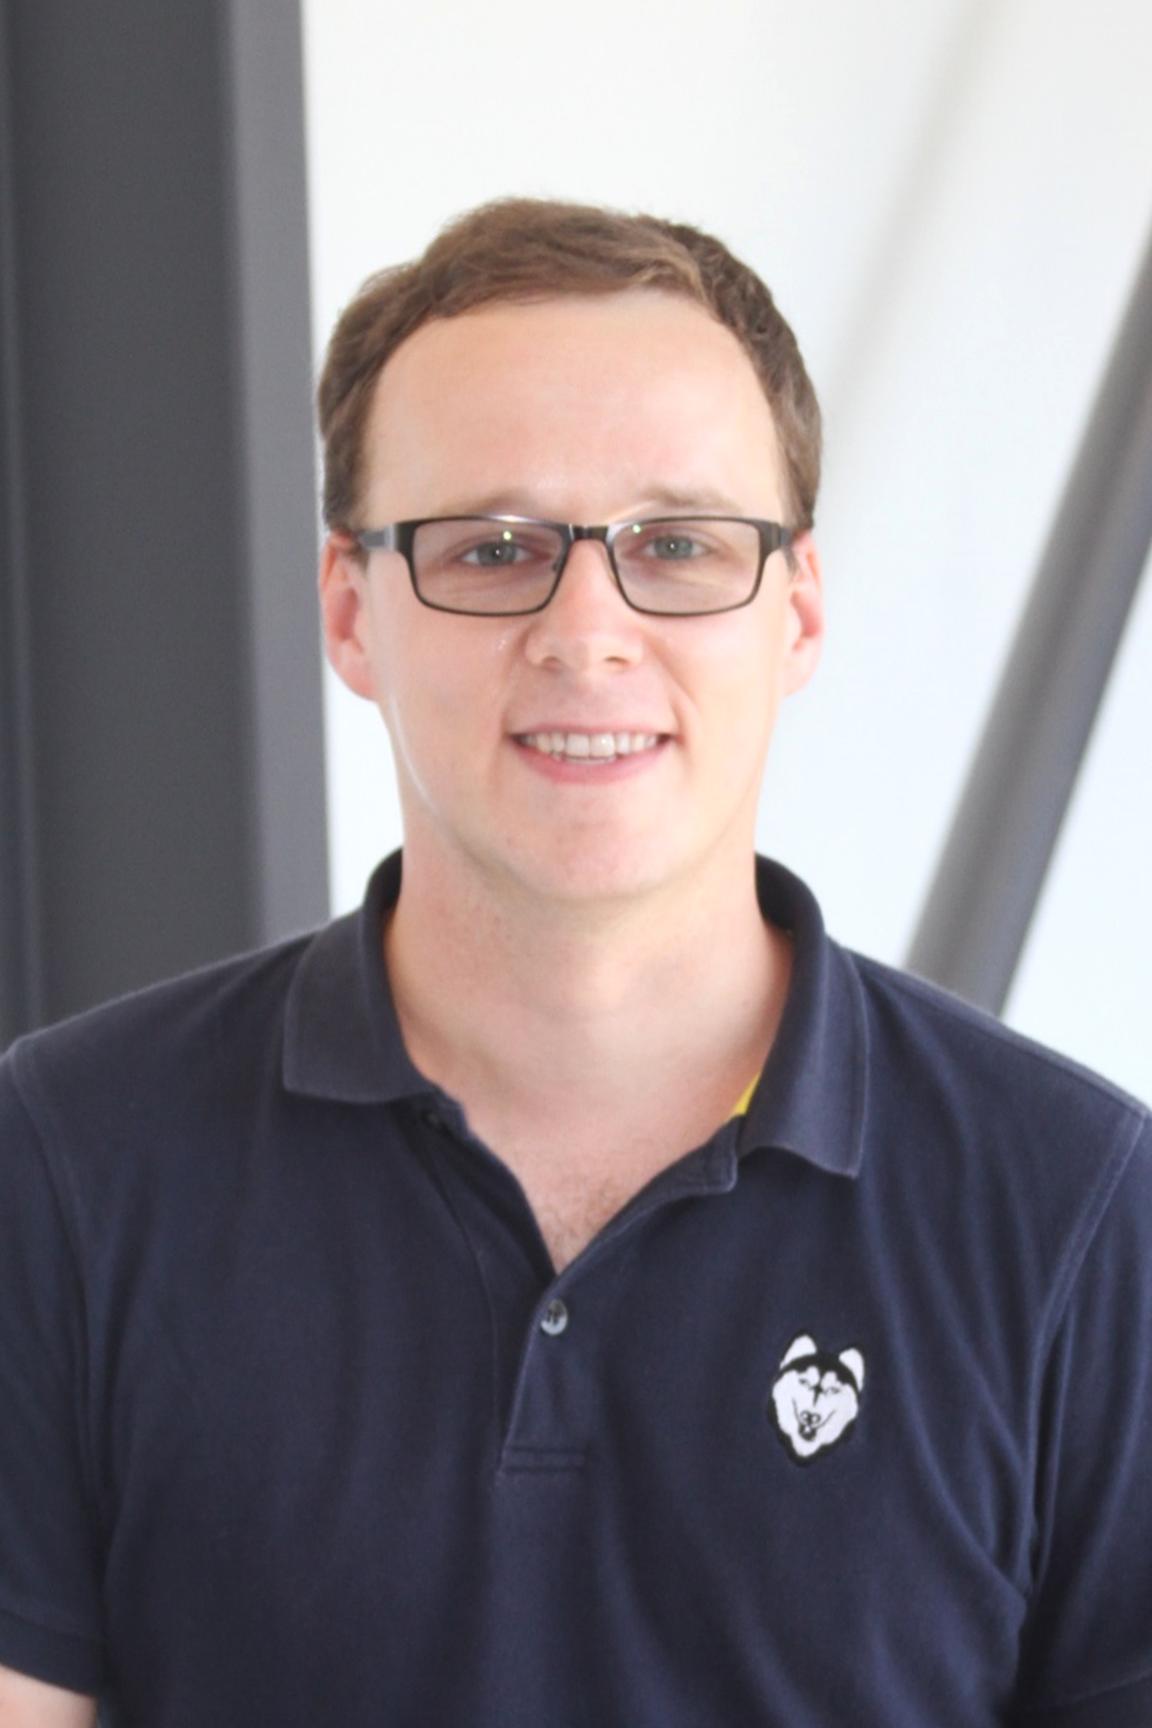 Jakub Michel Statistics PhD student